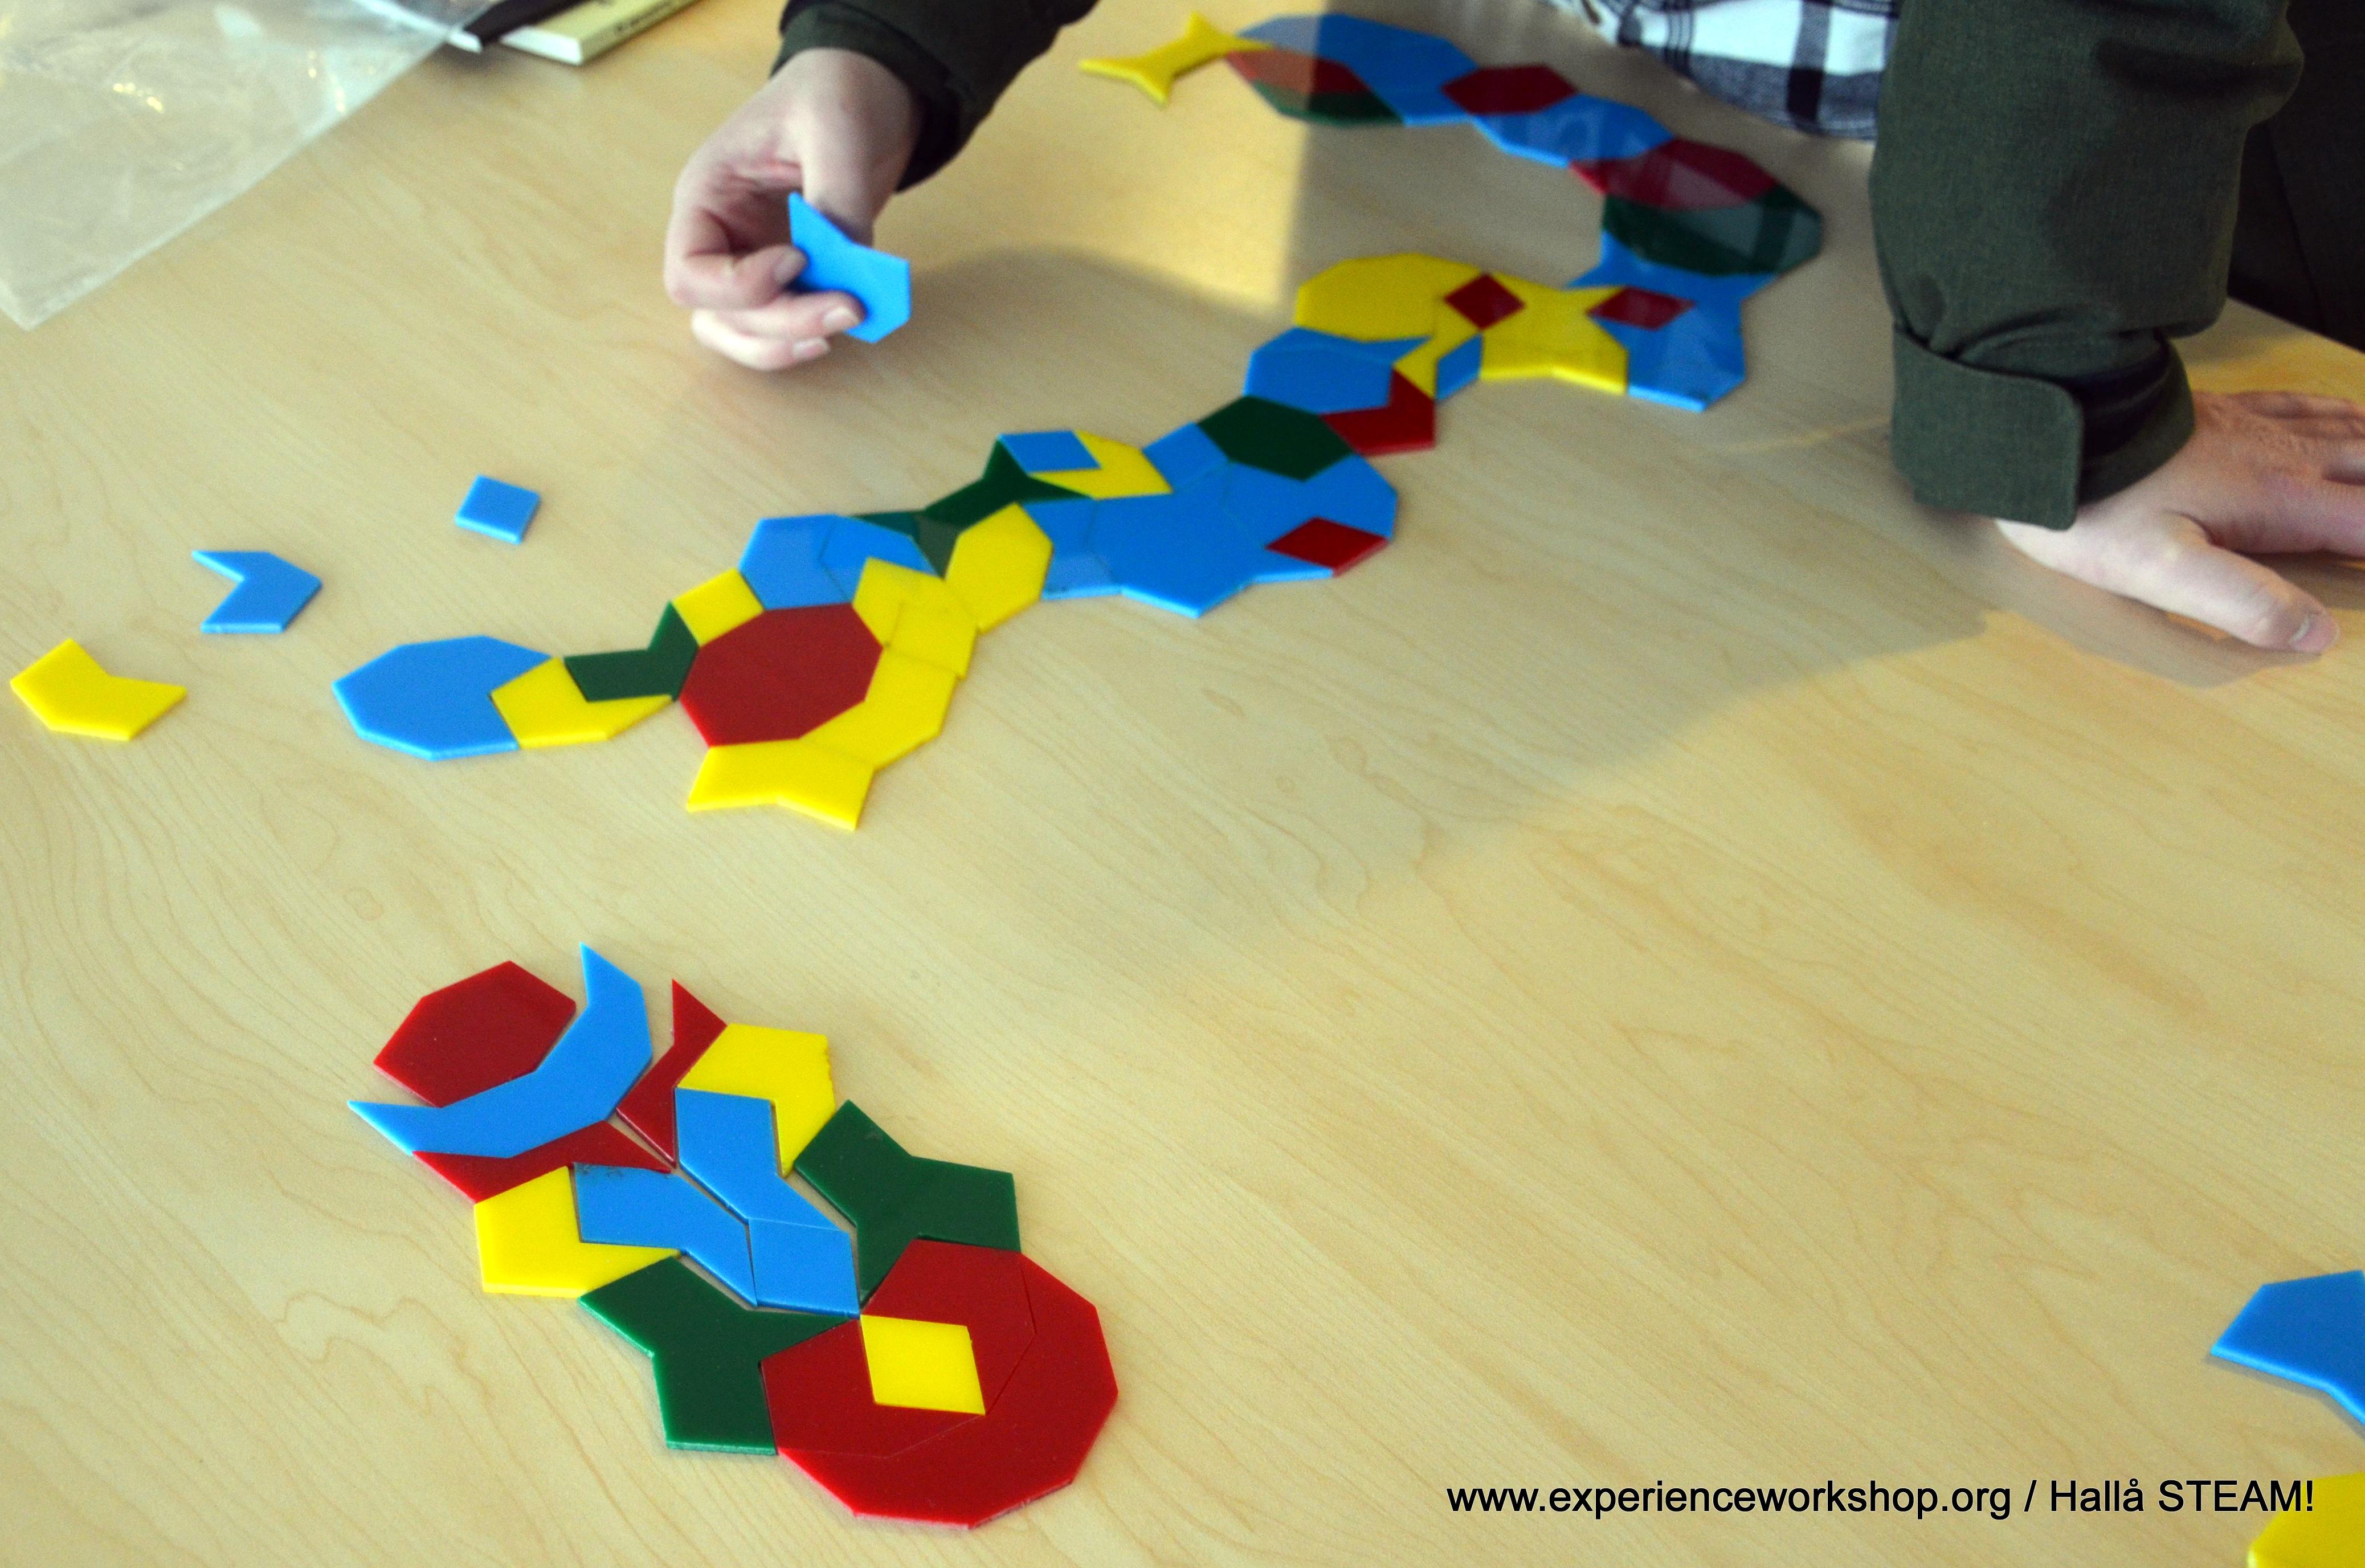 Az ÉlményMűhely svéd nyelvű STEAM programsorozata